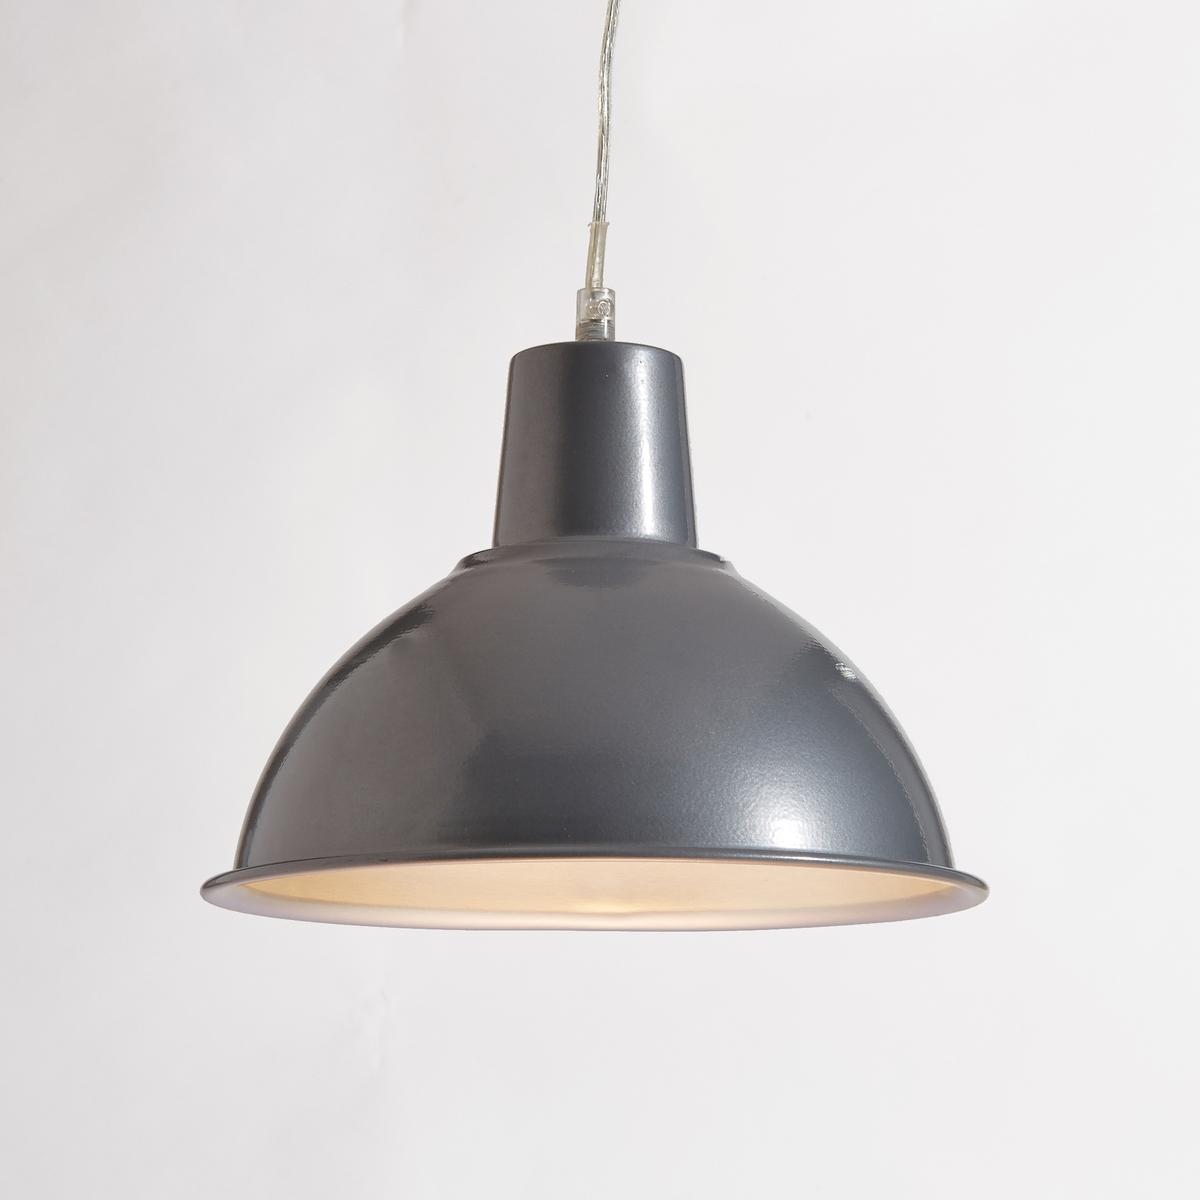 Светильник из металла в индустриальном стиле, LamiОписание светильника  Lami  :Электрифицированный Патрон E27 для флюокомпактной лампочки 15W (не входит в комплект)  .Этот светильник совместим с лампочками    энергетического класса   : AХарактеристики светильника  Lami  :выполнена из металлаВсю коллекцию светильников вы можете найти на сайте laredoute.ru.Размер светильника  Lami  :Диаметр : 25,5 смВысота : 18 см.<br><br>Цвет: красный,серый<br>Размер: единый размер